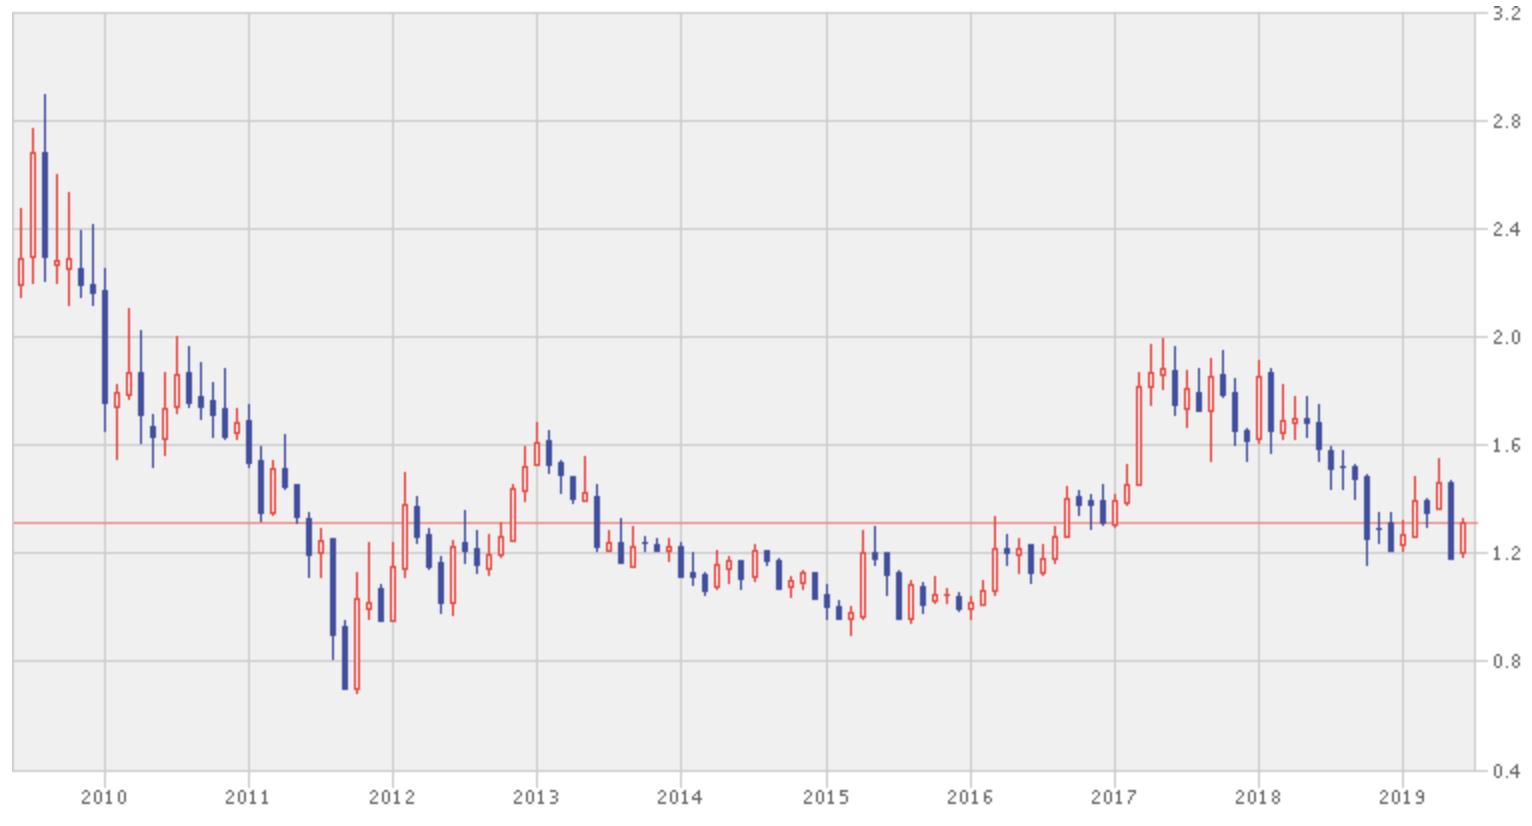 ヤンロード・ランド・グループの株価推移